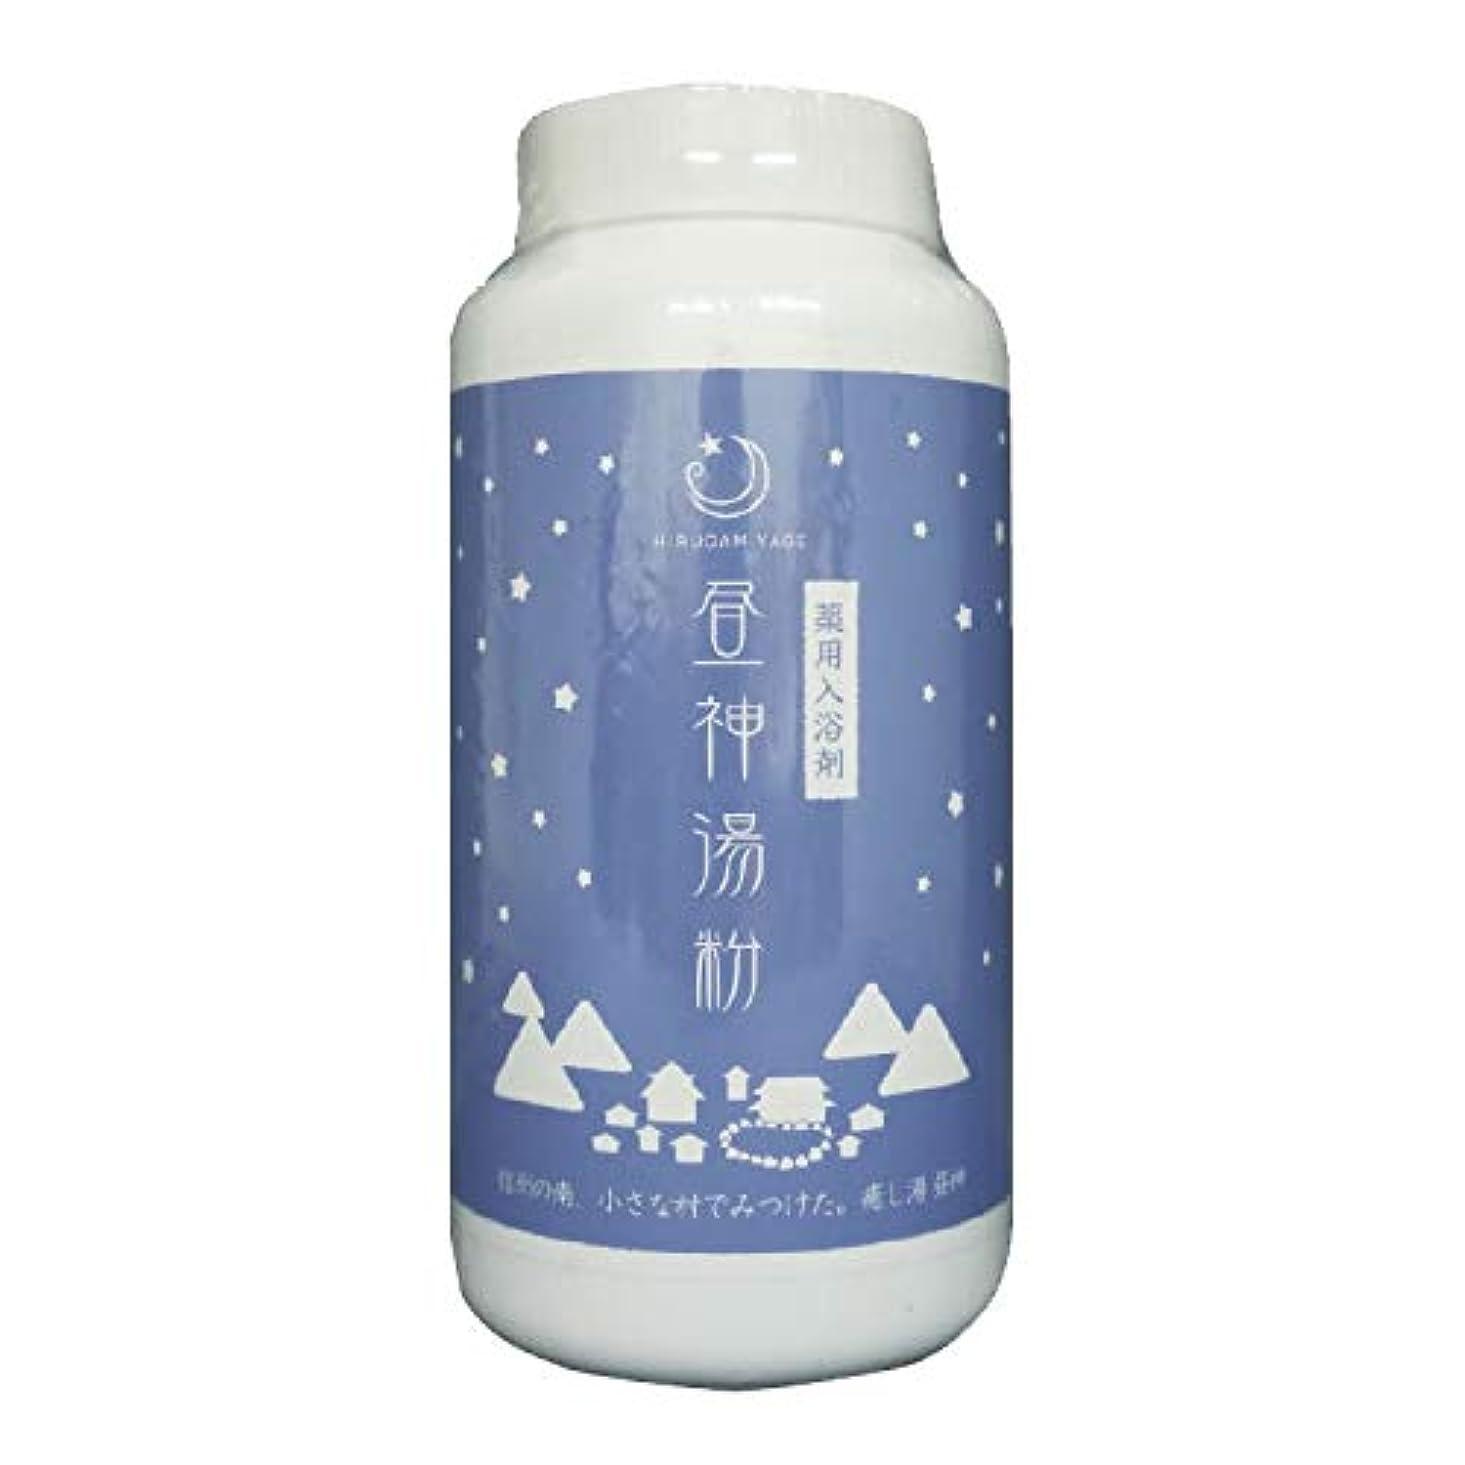 高揚した心のこもった抜本的な昼神の湯 薬用入浴剤(医薬部外品)ボトル 昼神温泉郷